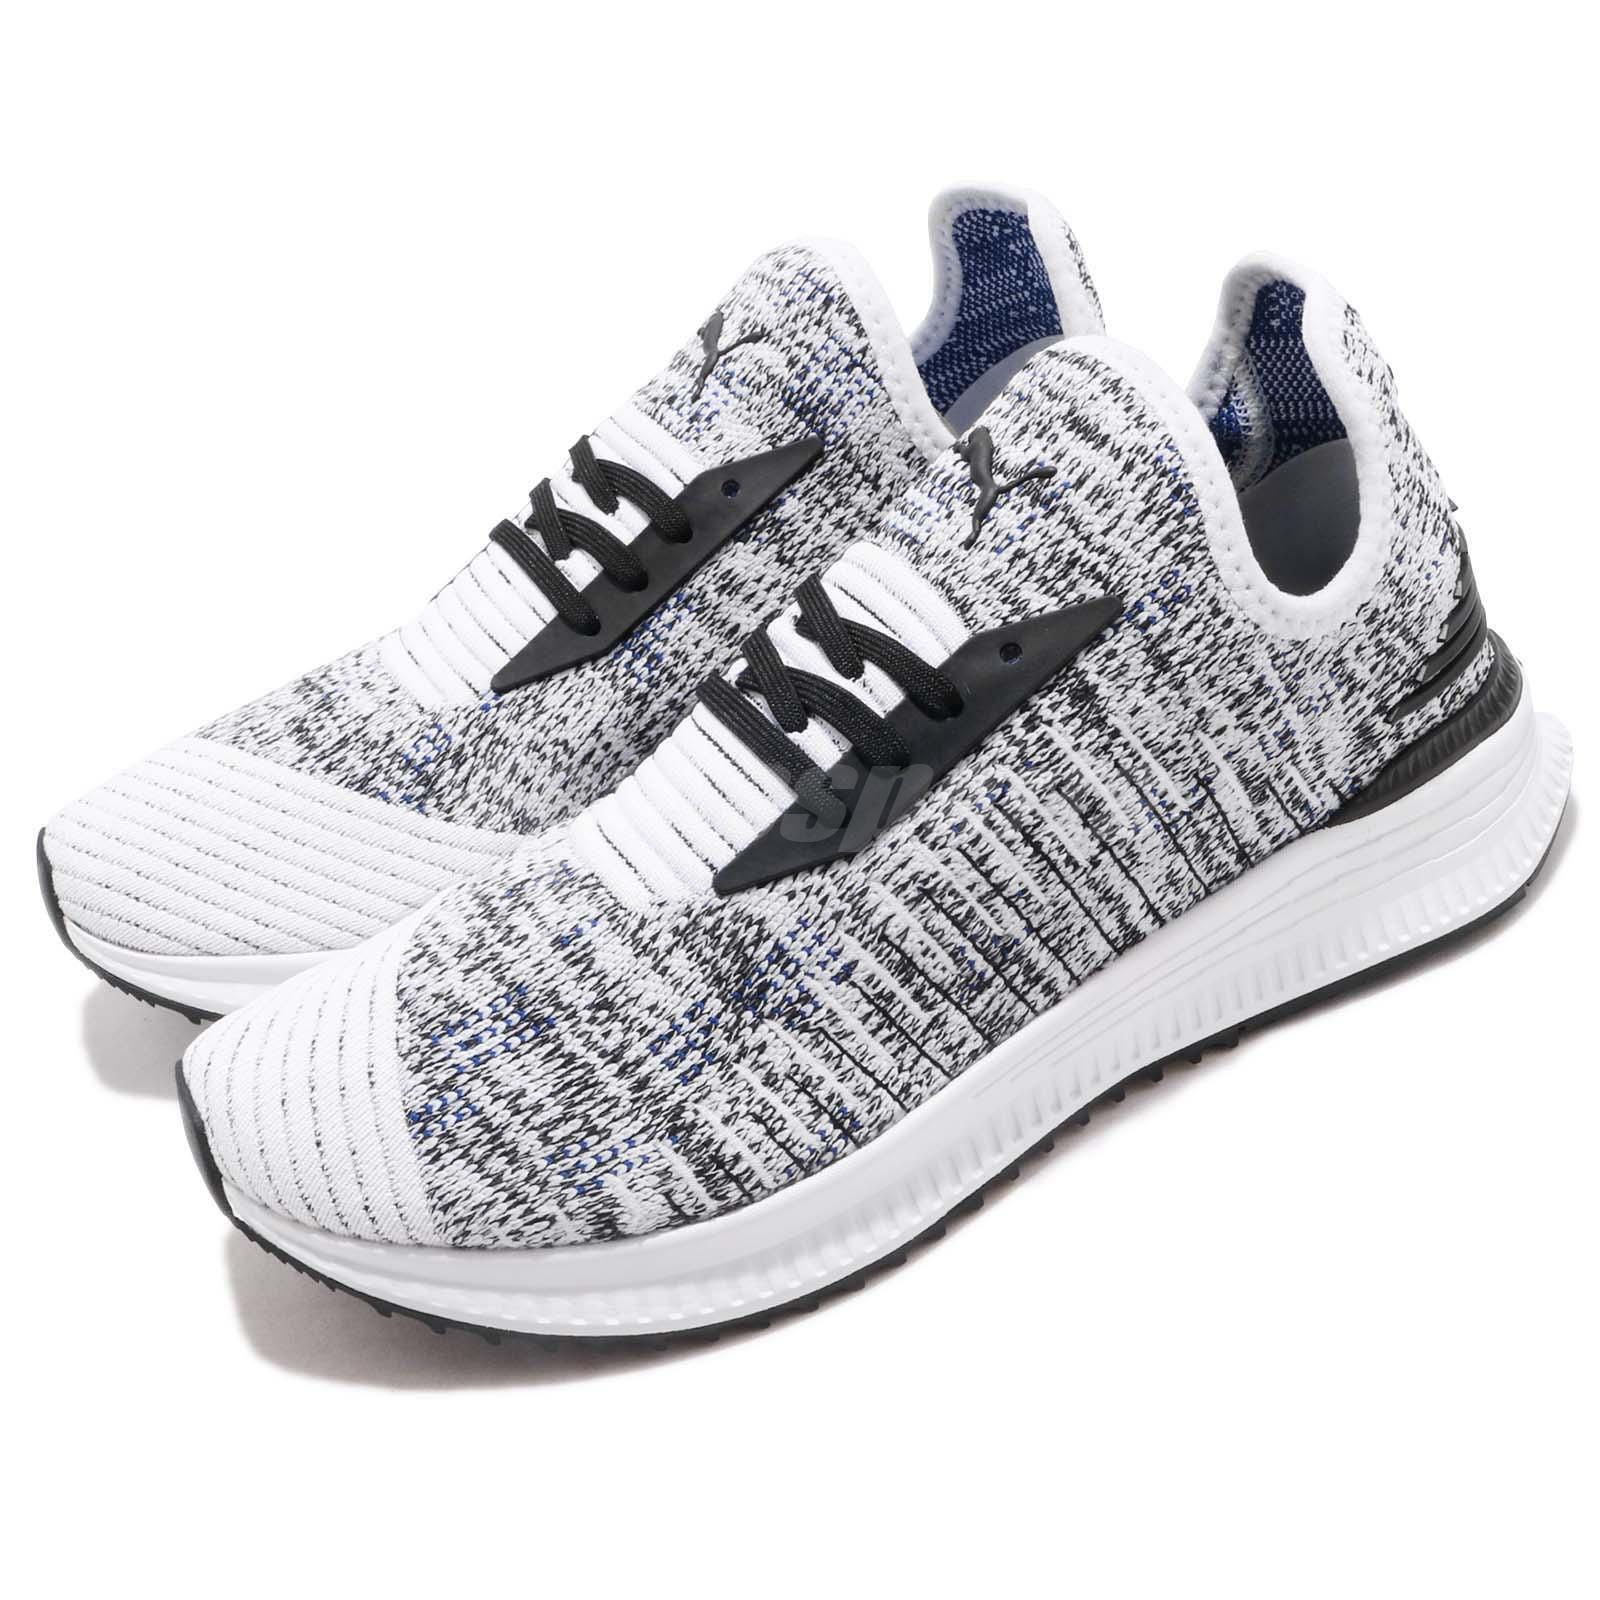 Puma AVID EvoKnit Mosaic White Black Oreo Mens Womens Running shoes 366601-06